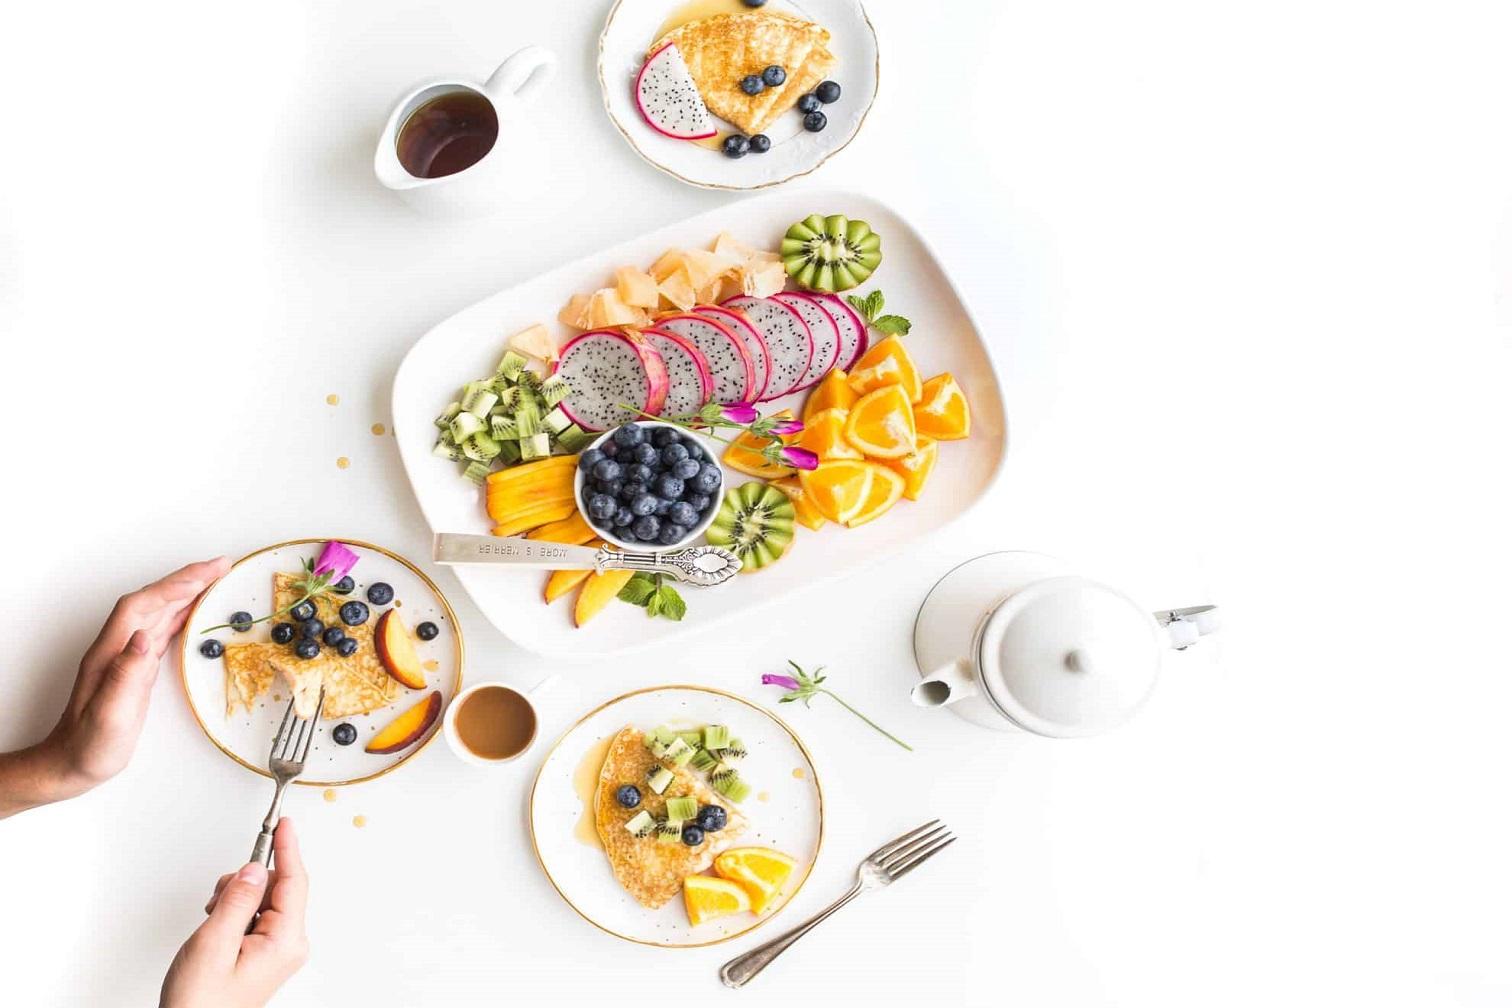 Czy powinniśmy zmienić nawyki żywieniowe w upalne dni? Fakty i mity